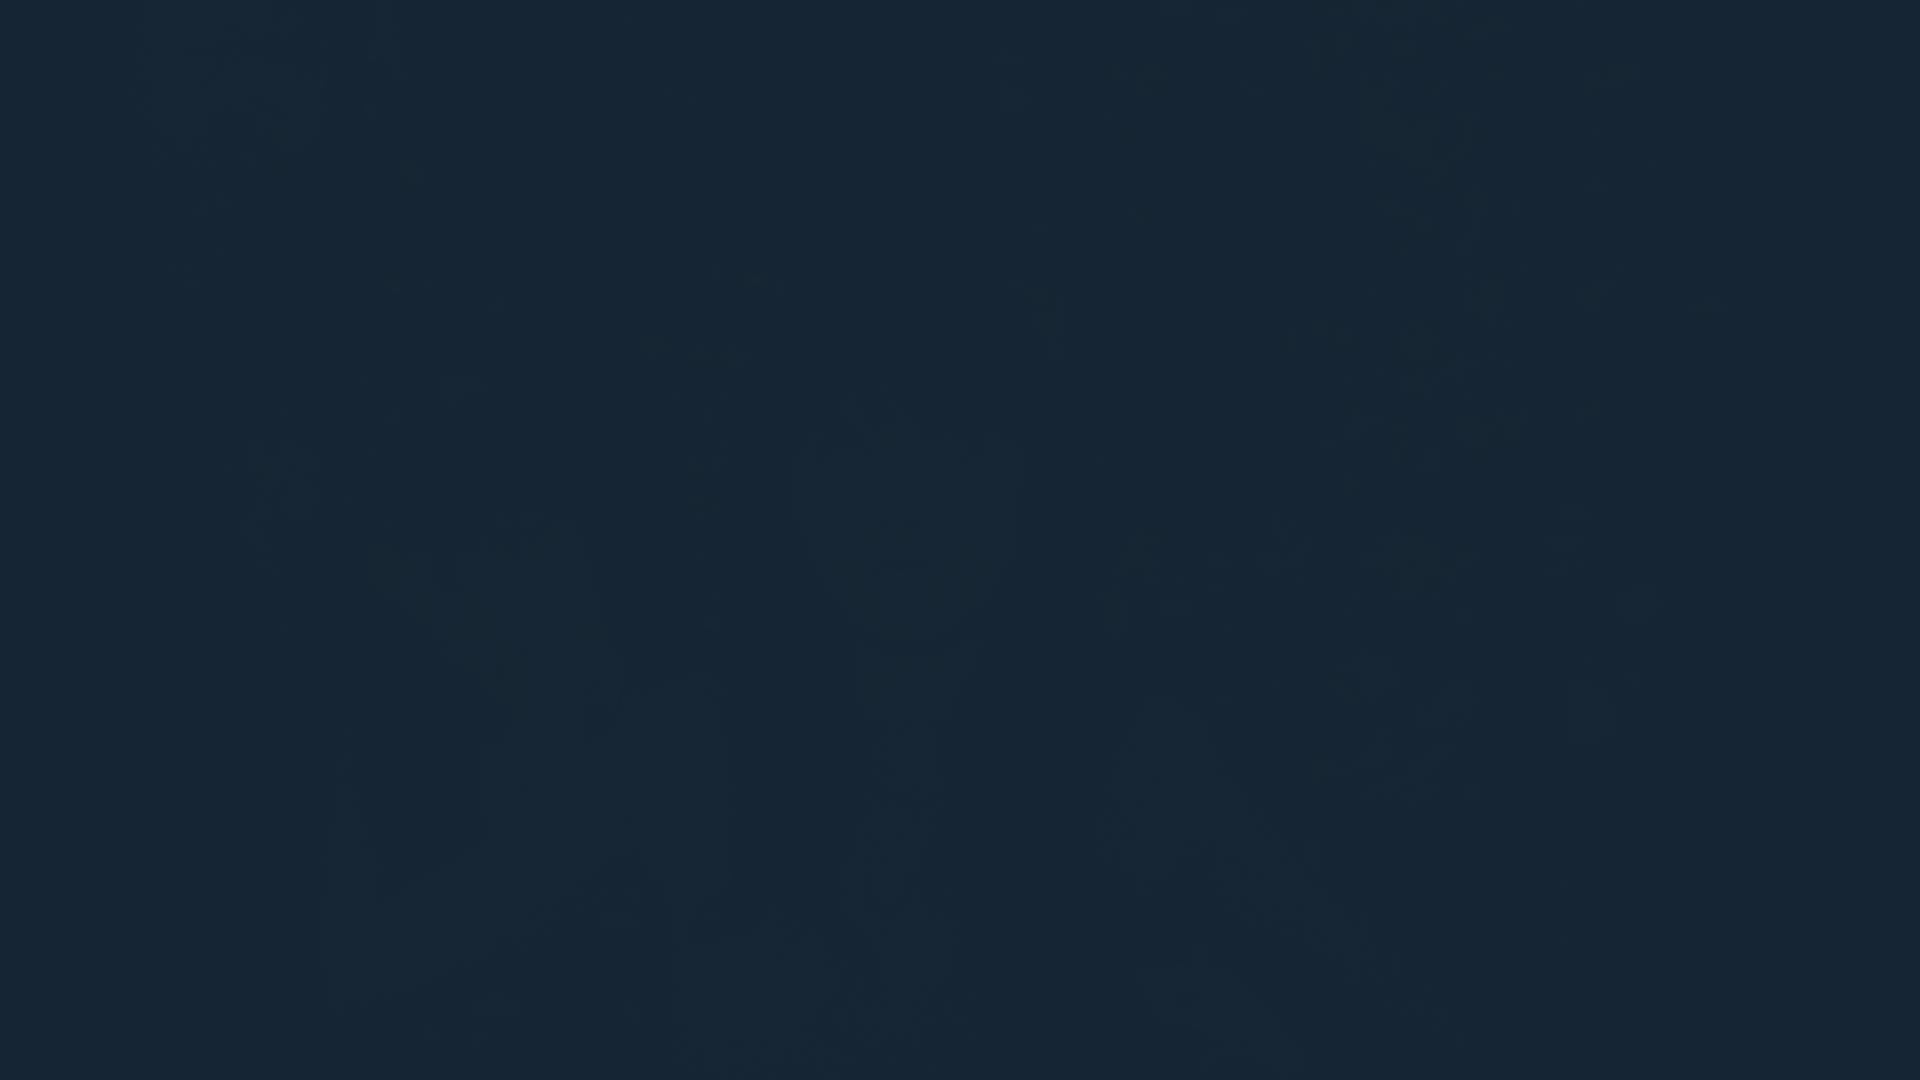 1920x1080 Nhóm hình nền màu xanh đậm, Hình nền HD